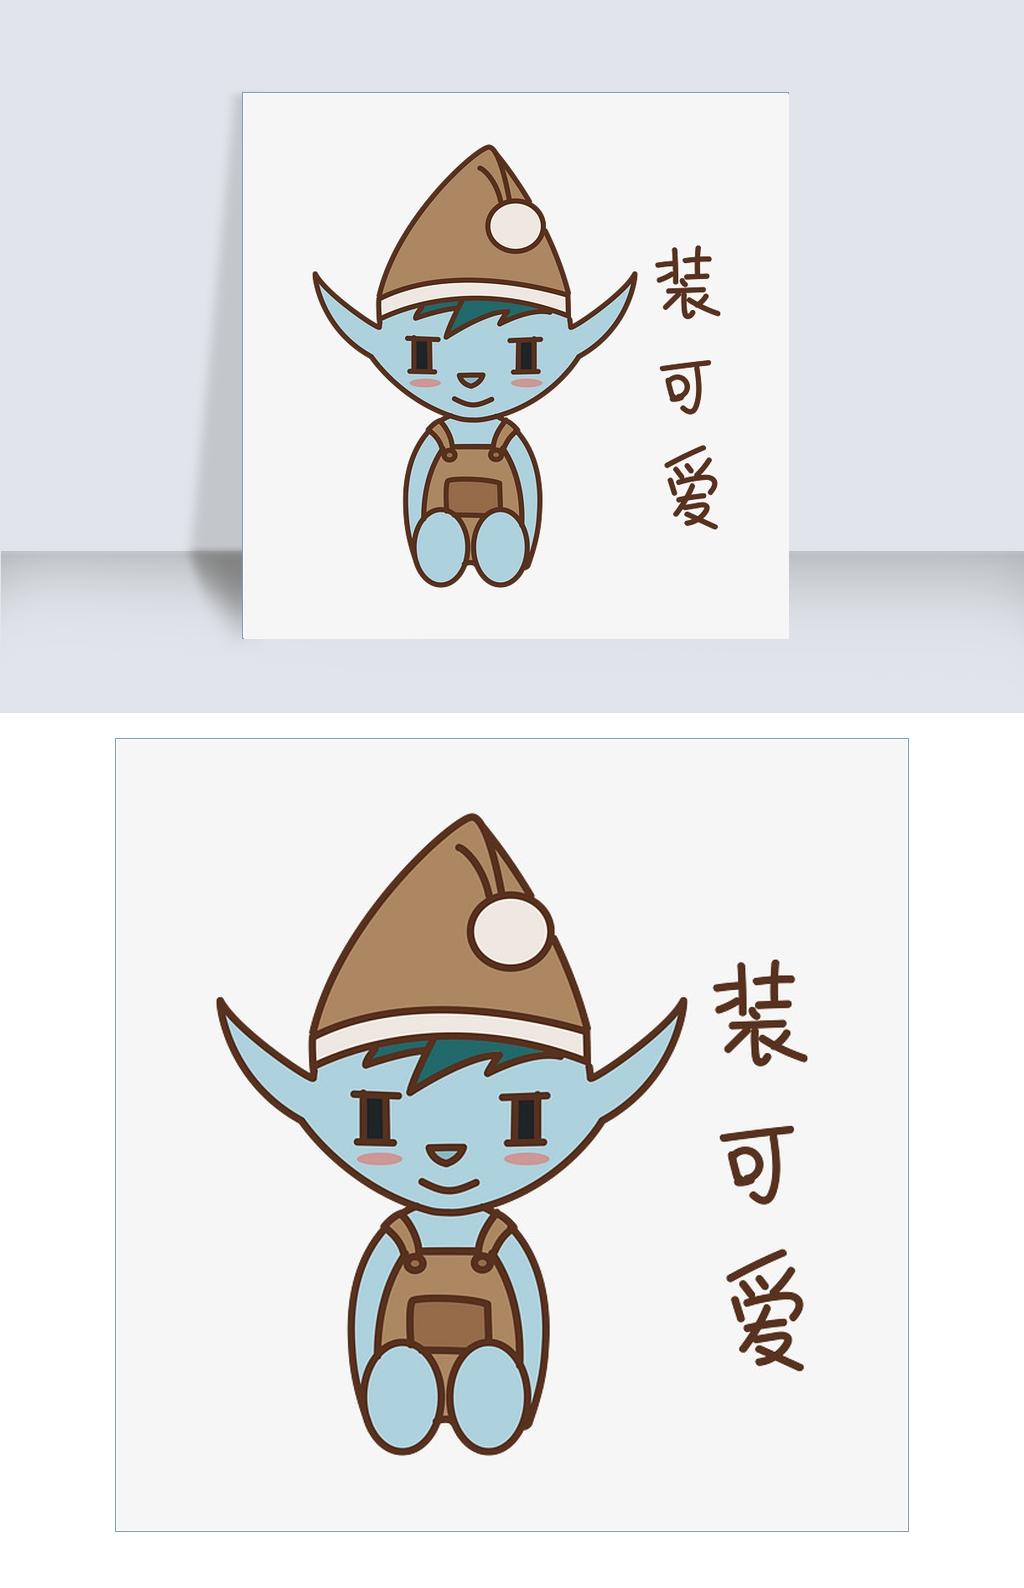 表情可爱精灵卡通表憨情qq笑包图片